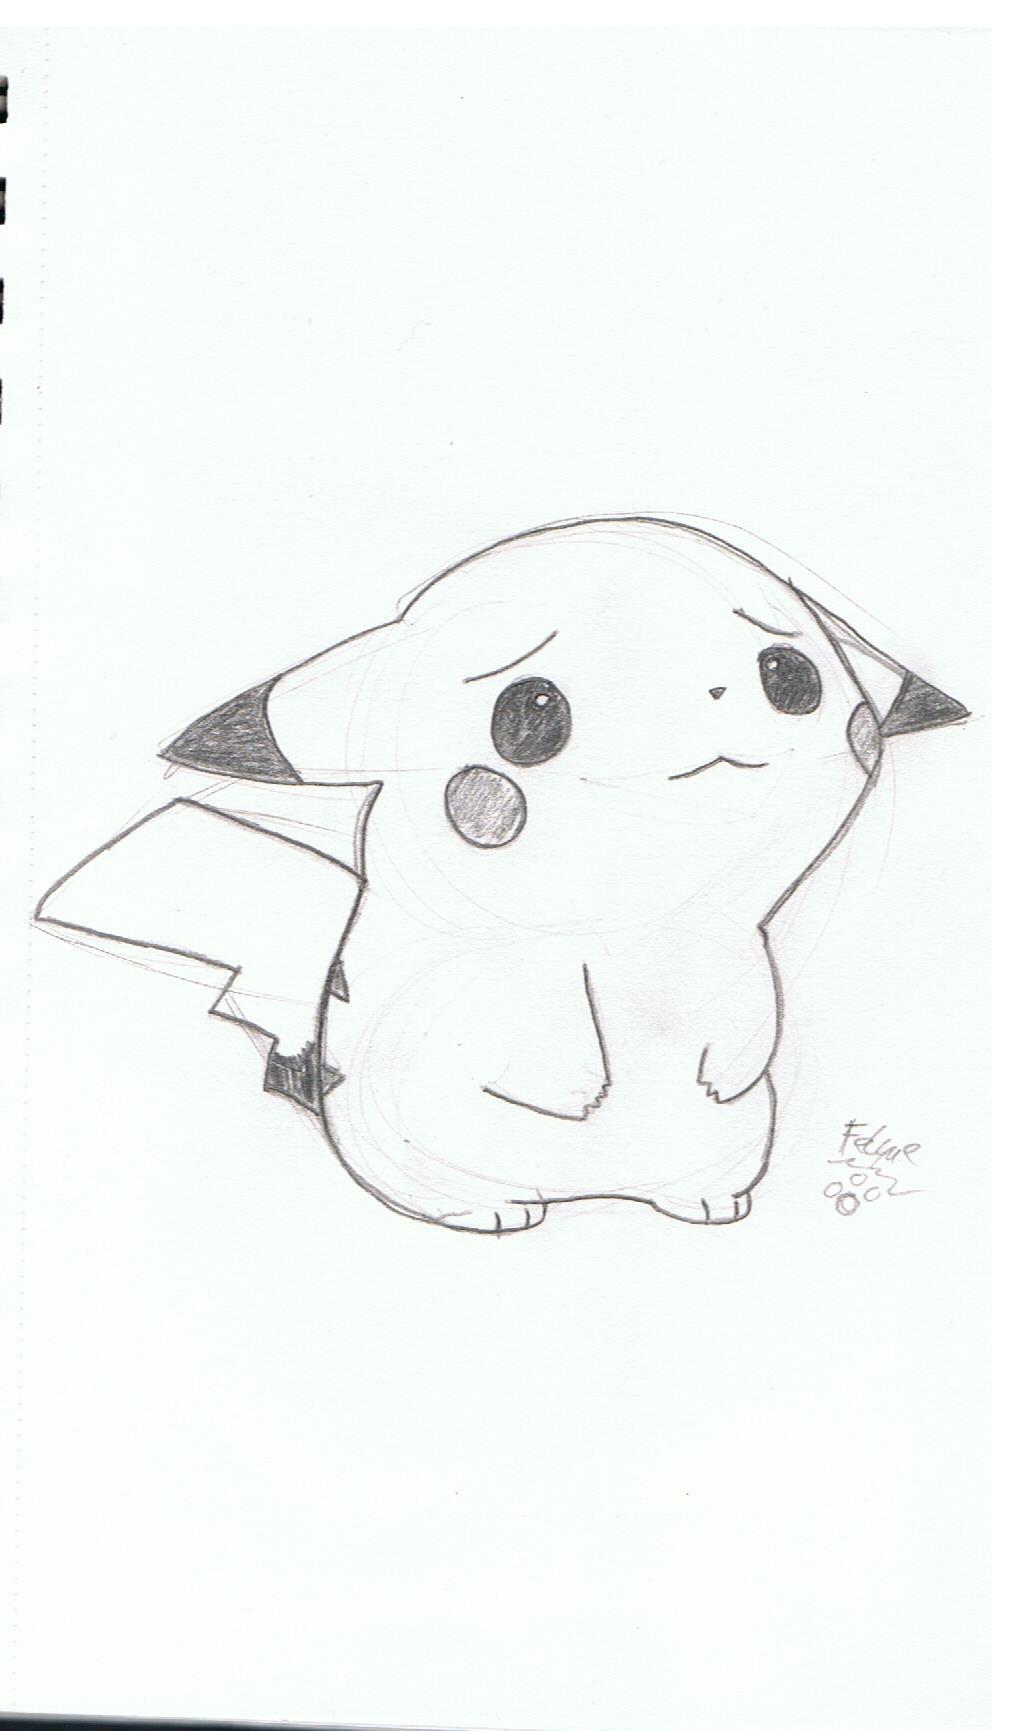 Drawn pikachu sad Drawing 2013 Little © Pikachu